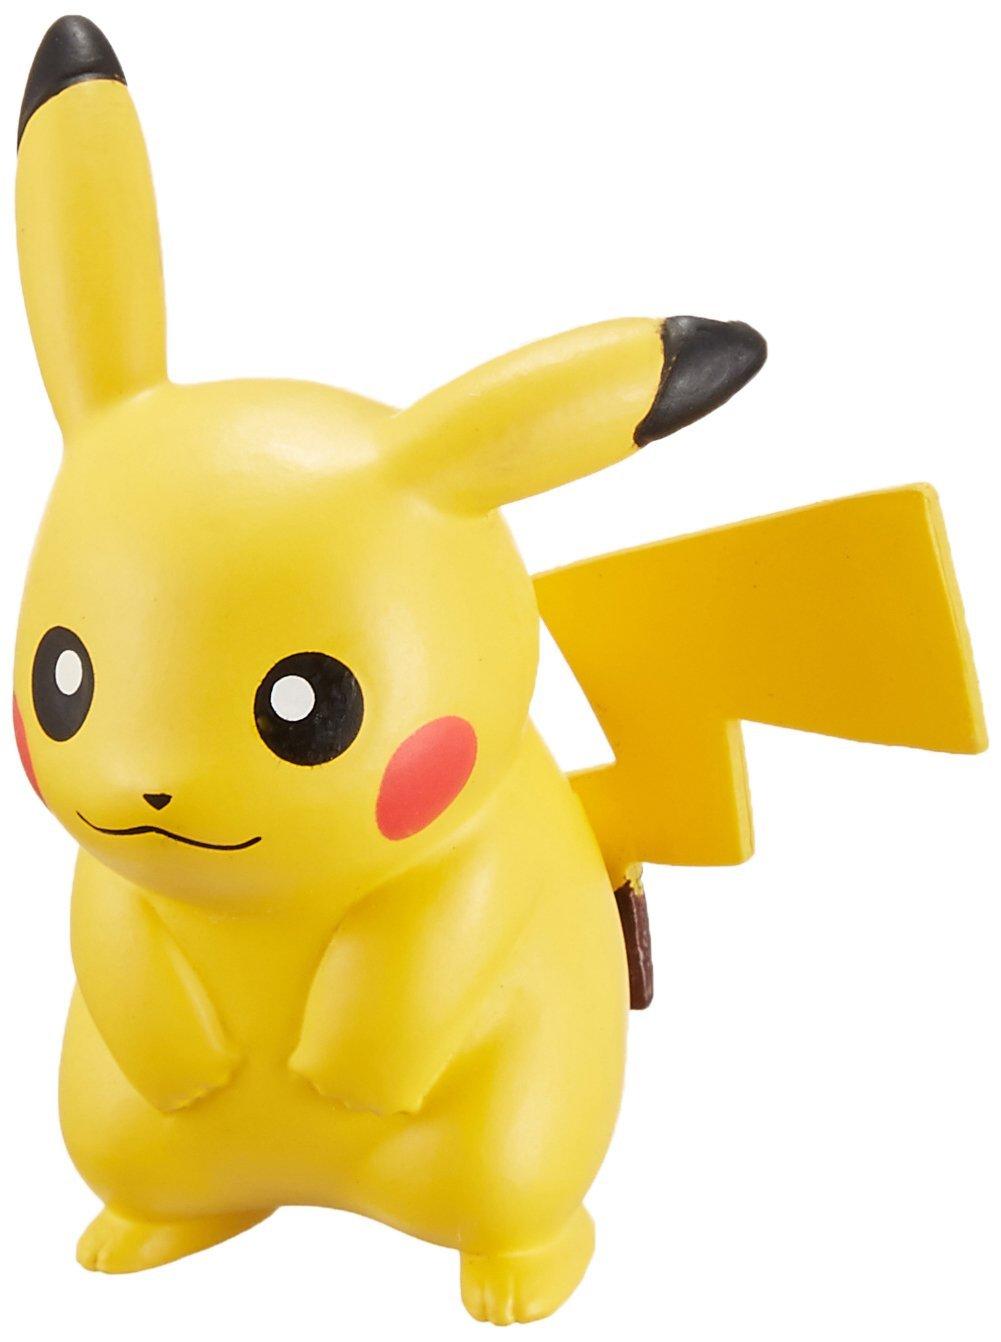 Takaratomy Pokemon Sun & Moon EX EMC-01 Mini Action Figure, Pikachu